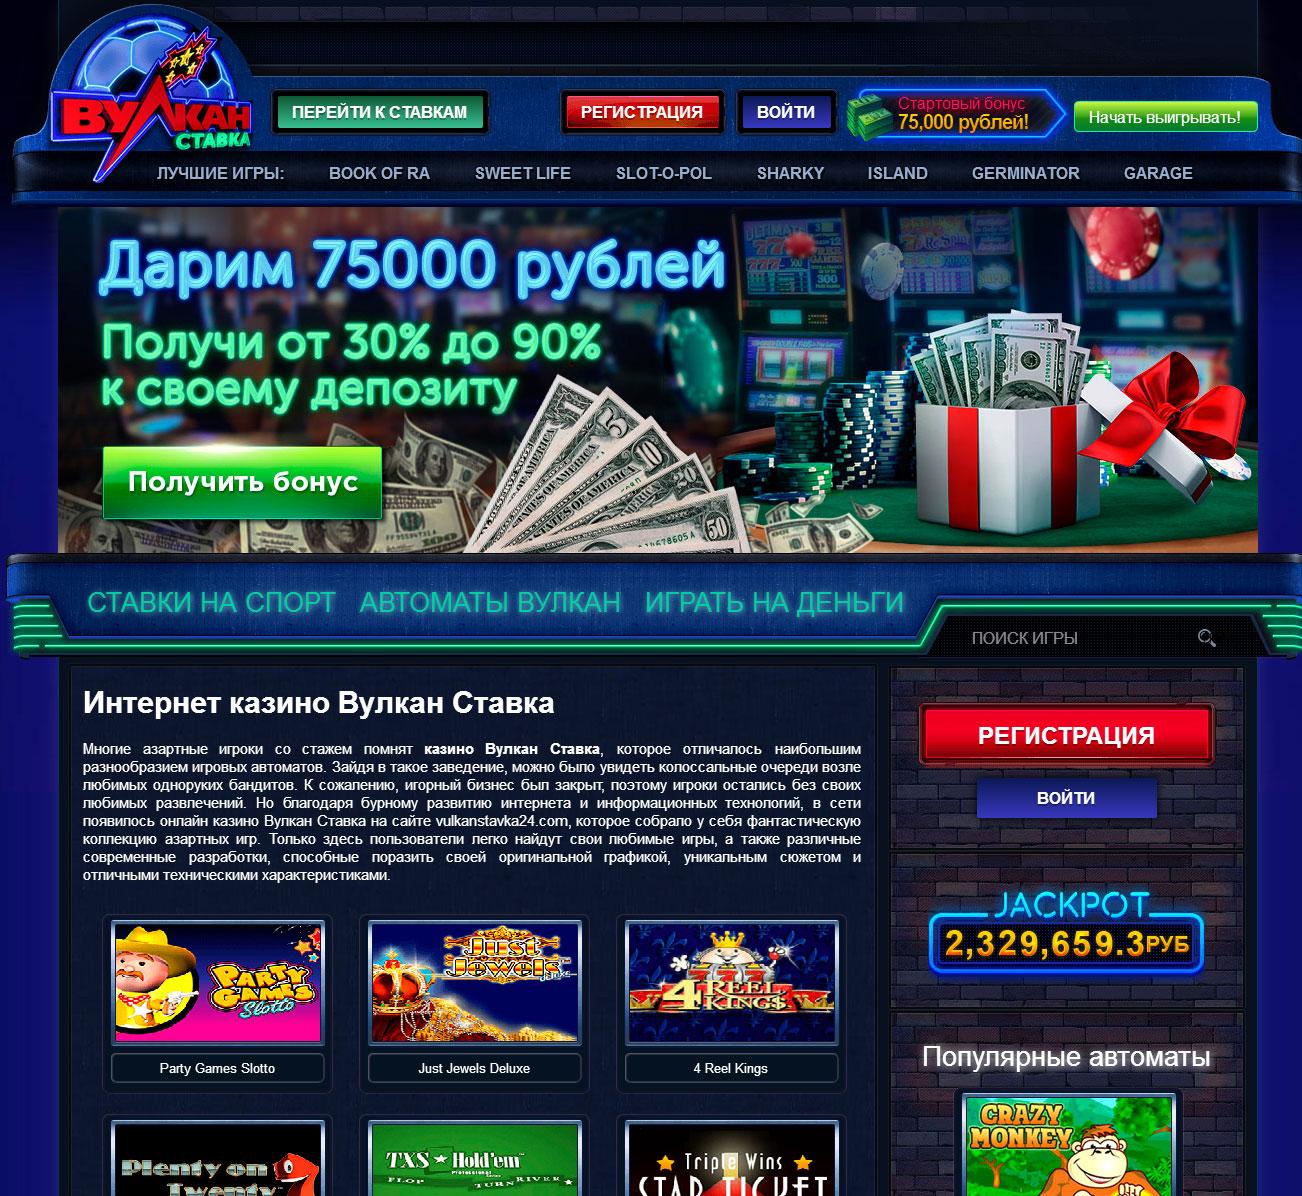 вулкан ставка игровые автоматы играть